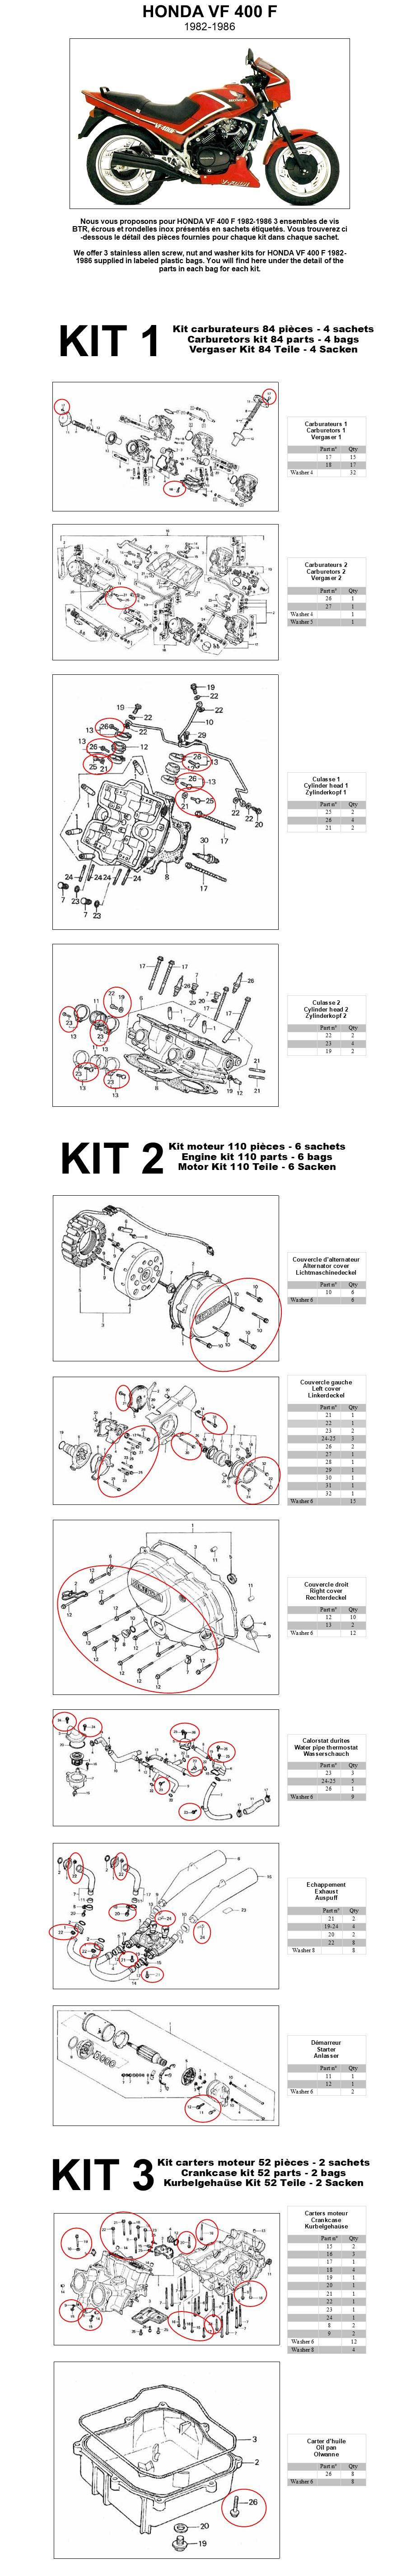 HONDA CM 400 T 1978-1982 Carburetor stainless allen screw kit #1 CM400T CM400